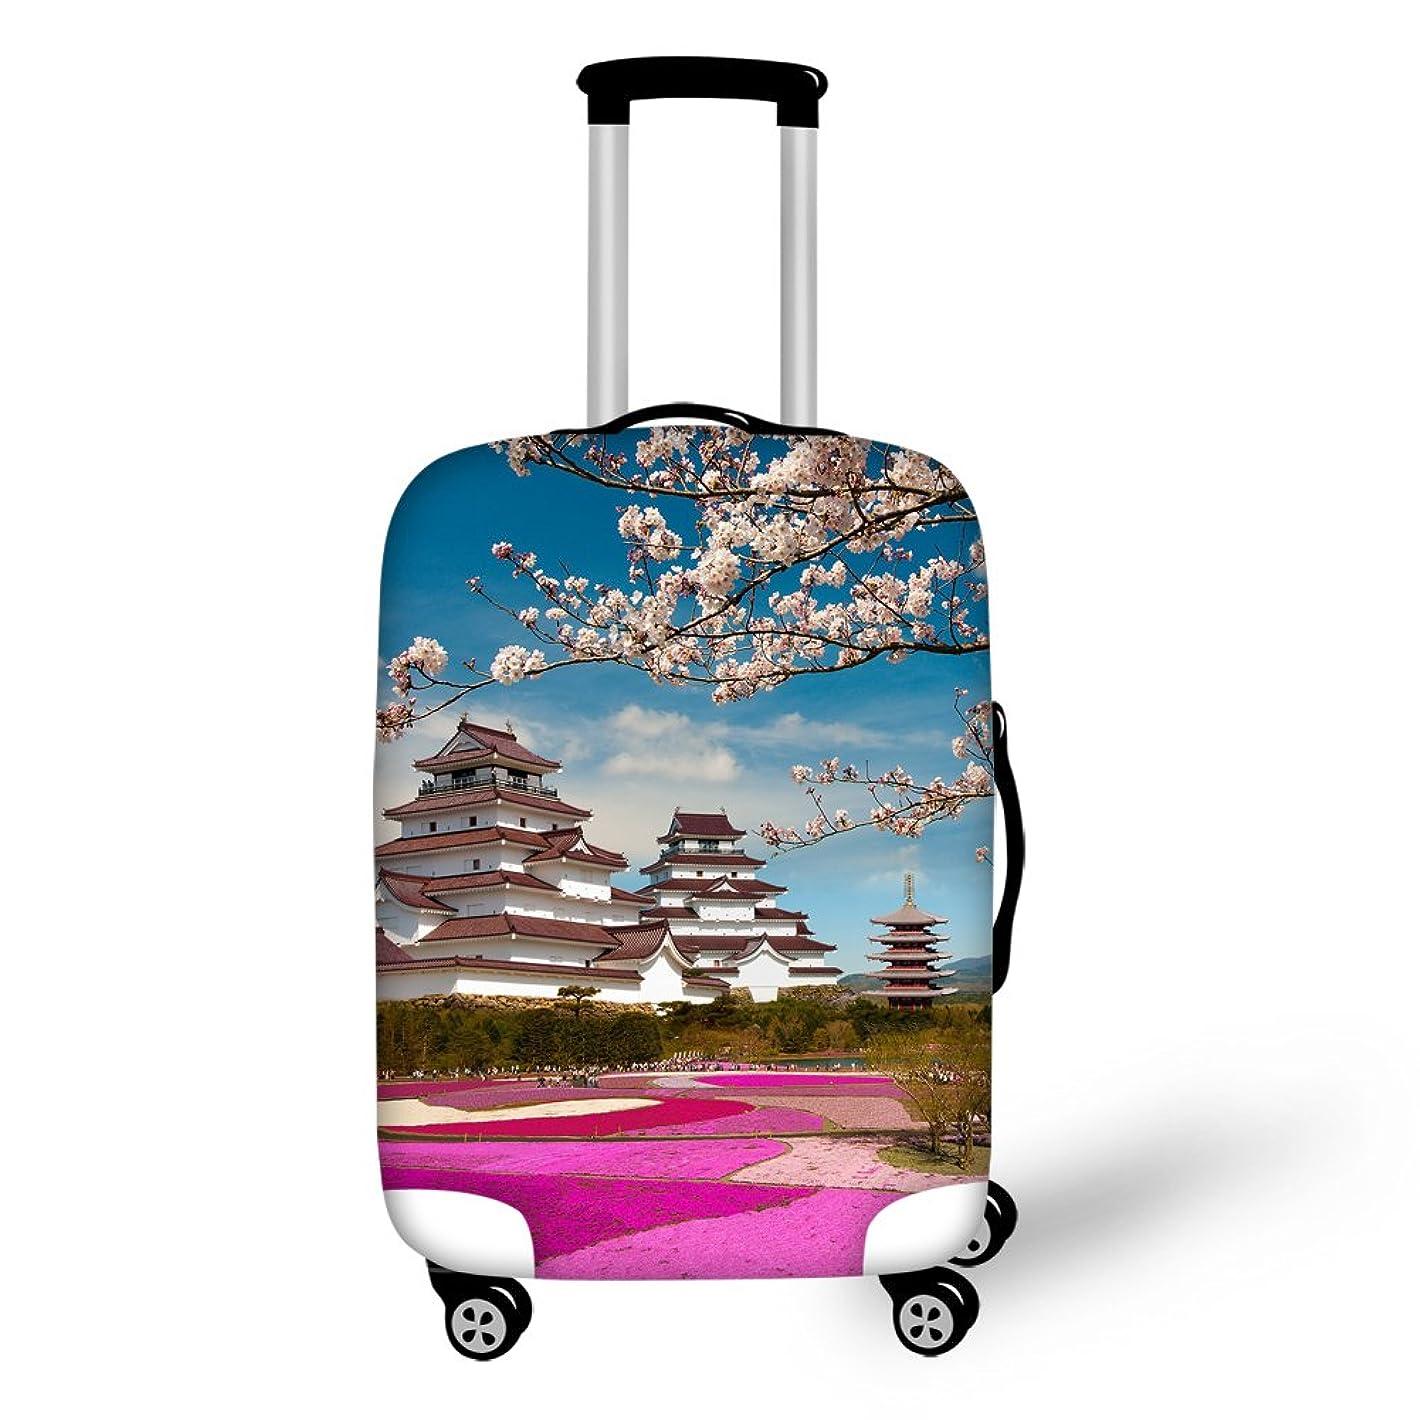 ハイブリッドオーバーラン将来のThiKin スーツケースカバー ラゲッジカバー luggage cover 富士山柄 目立つ 美しい 弾性設計 防塵 防水 洗える 伸縮素材 旅行 キャリーカバー おしゃれ 保護 トランクカバー S M L サイズ